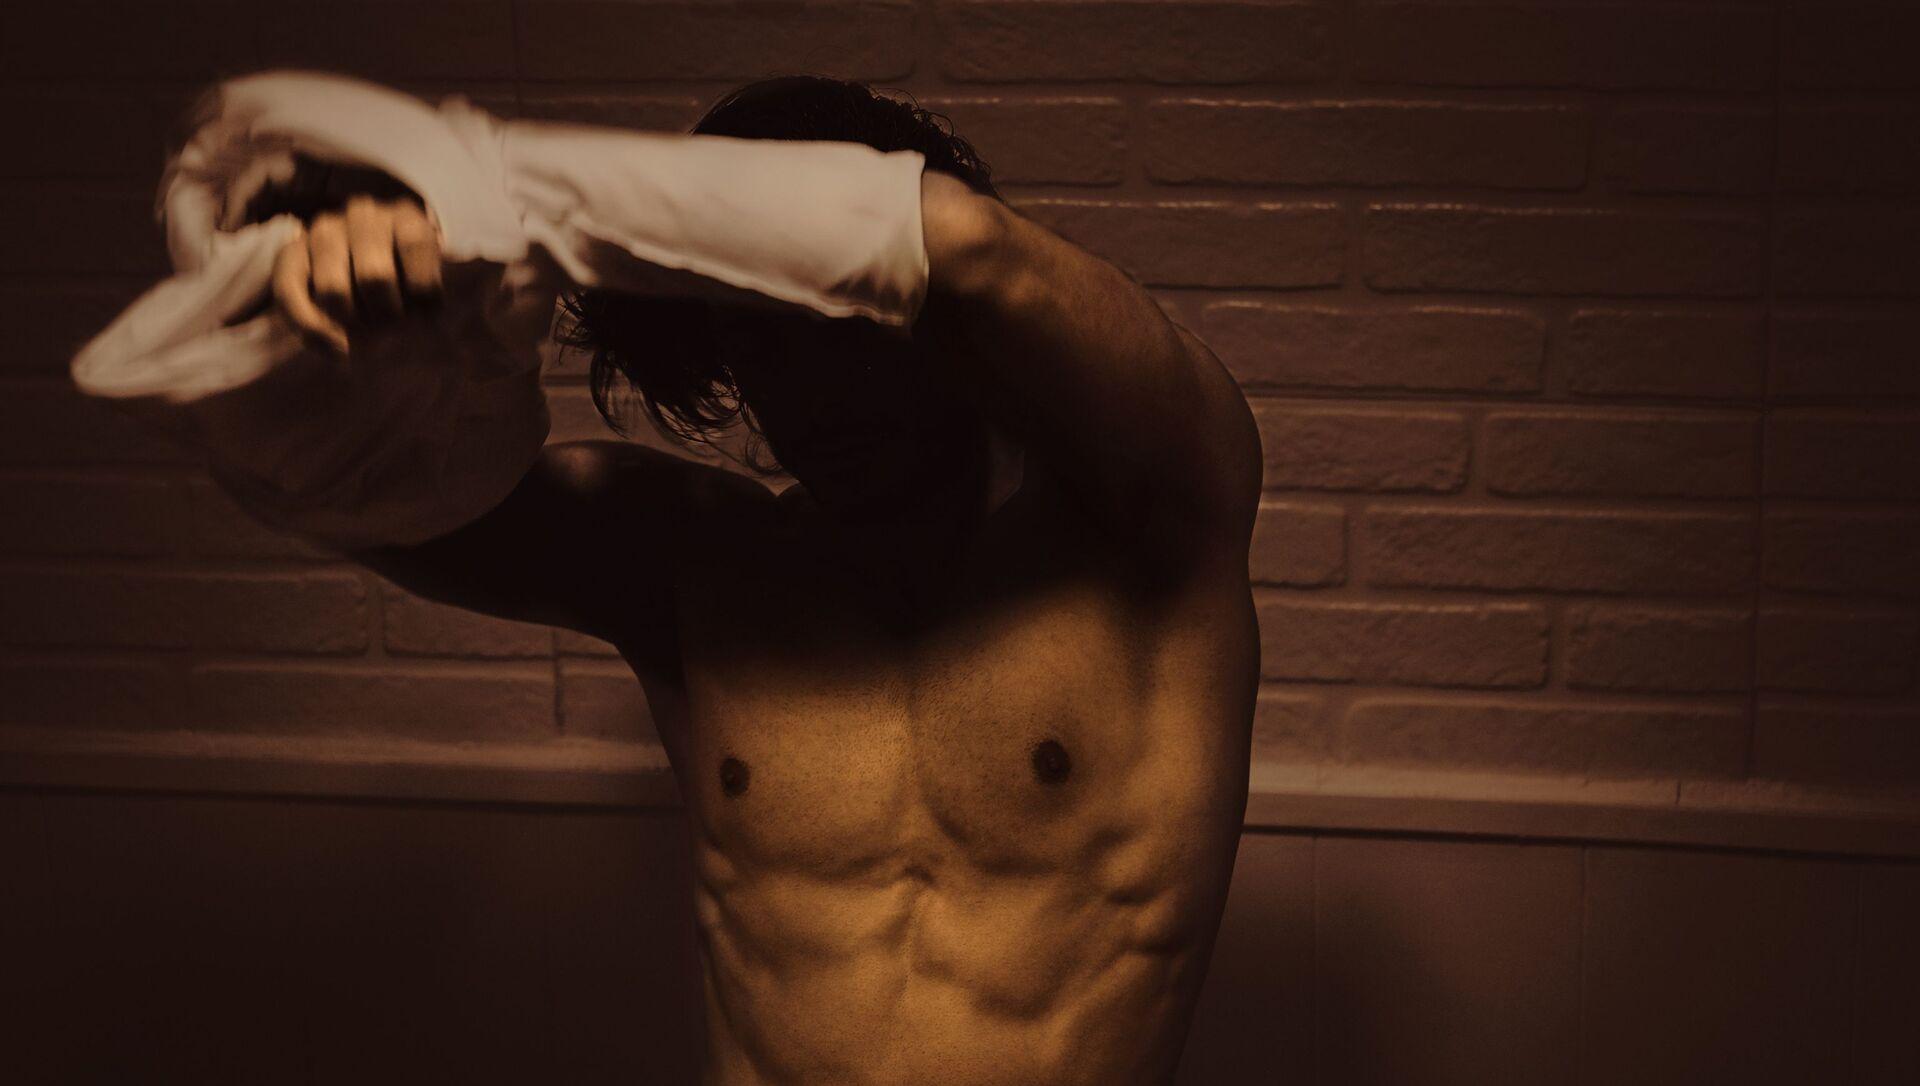 Un hombre se quita la camisa - Sputnik Mundo, 1920, 08.11.2020